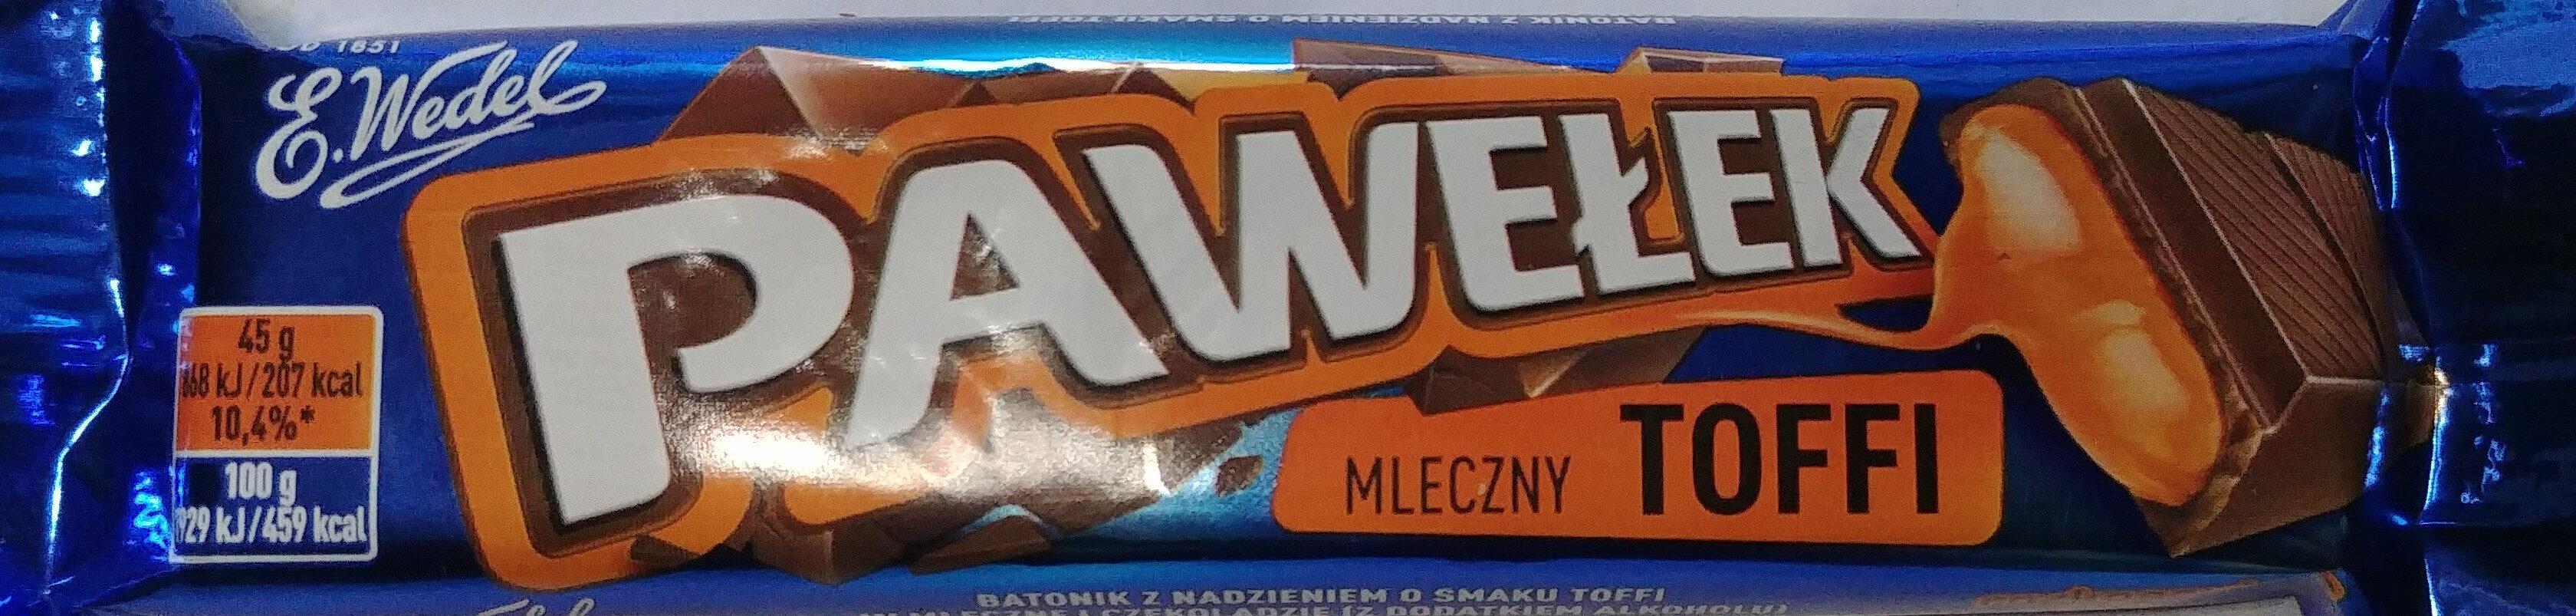 Batonik z nadzieniem o smaku toffi w mlecznej czekoladzie 2,3%. - Product